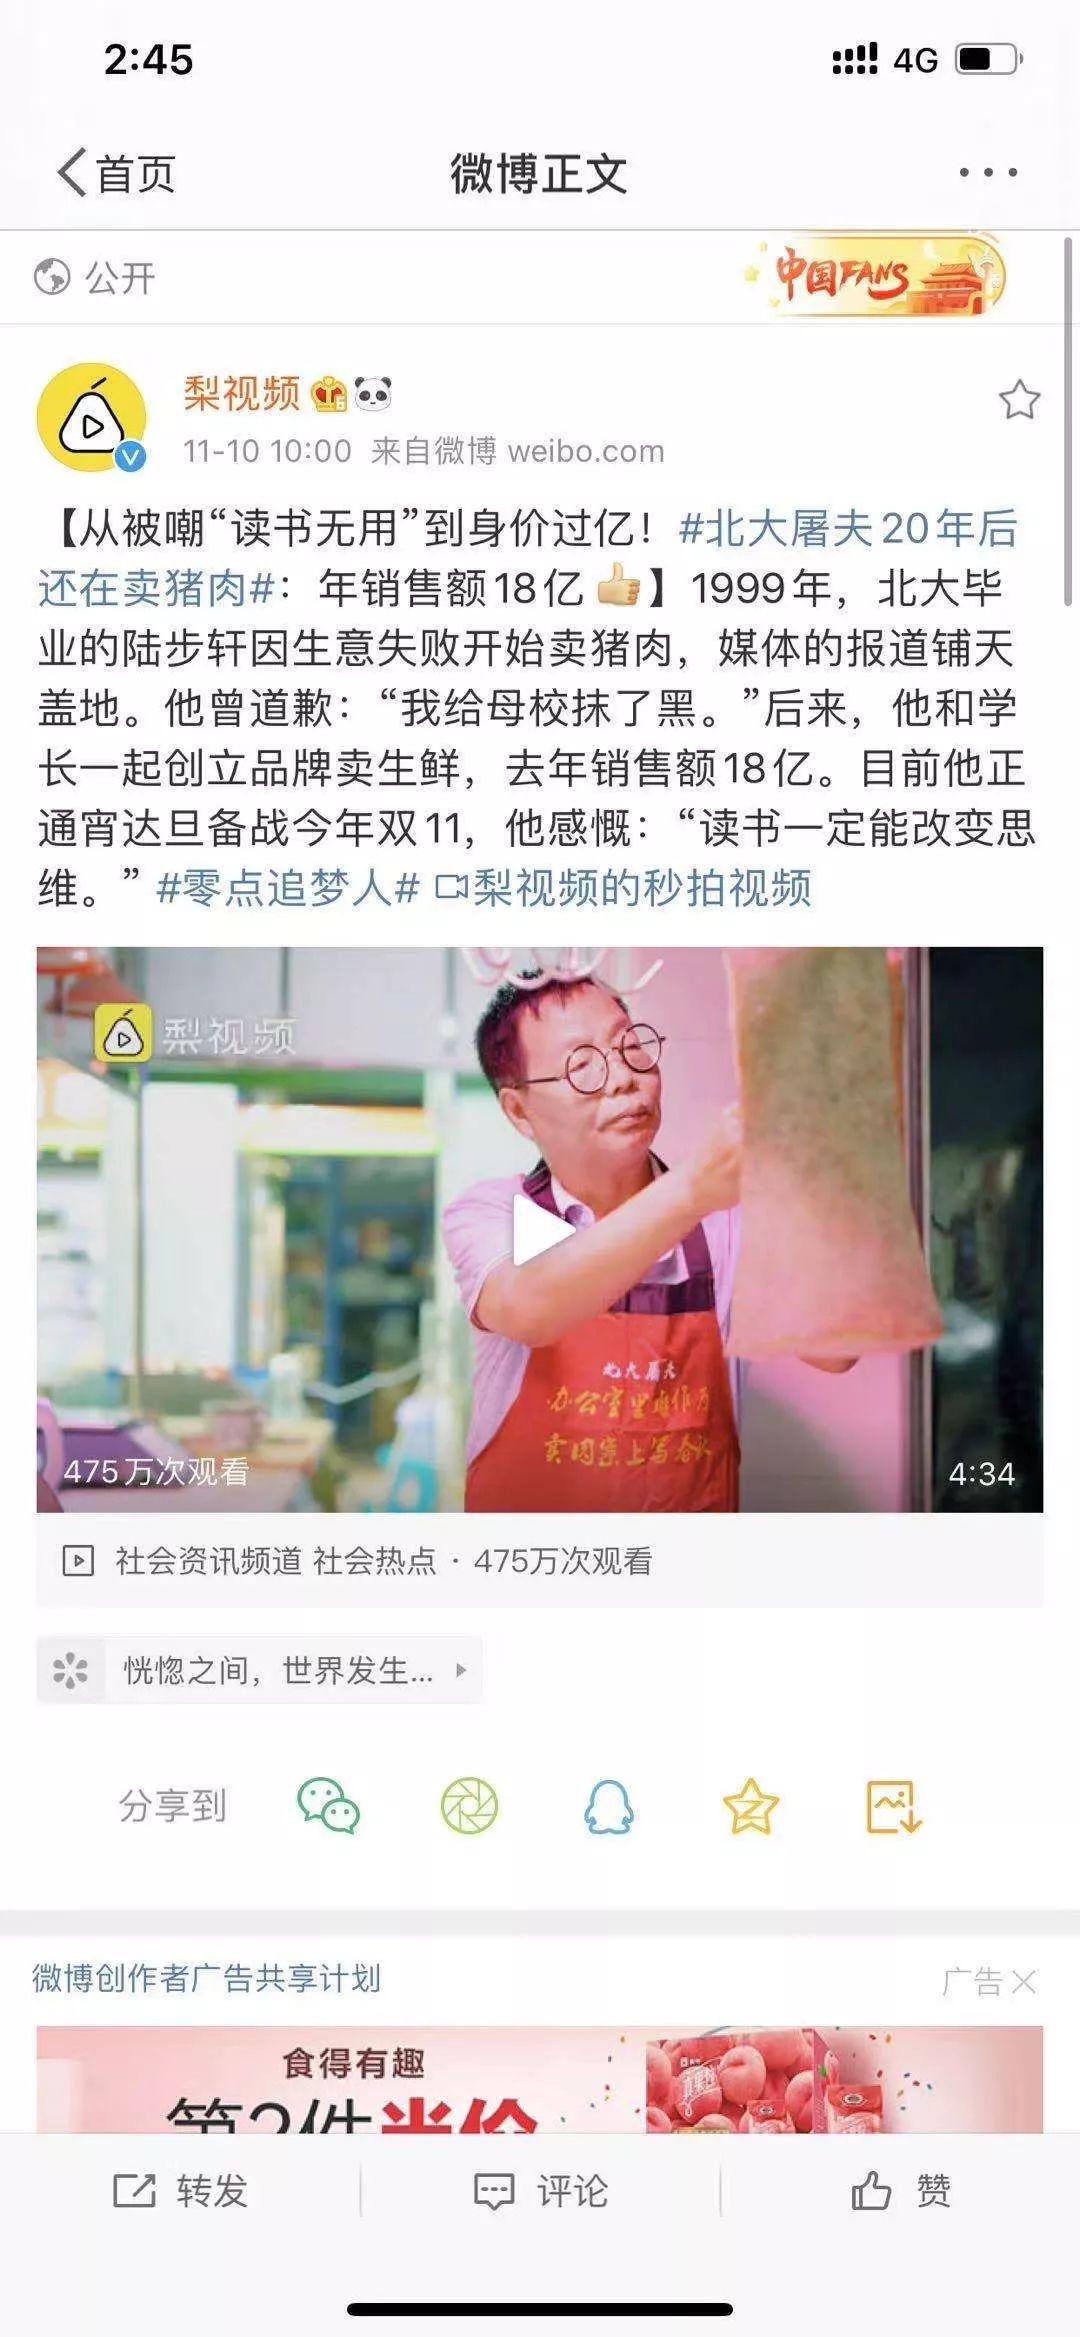 伟德国际1946网站|悬赏886万!杭州姑娘人生第一次收到朋友圈广告竟来自法院:我骄傲了吗?